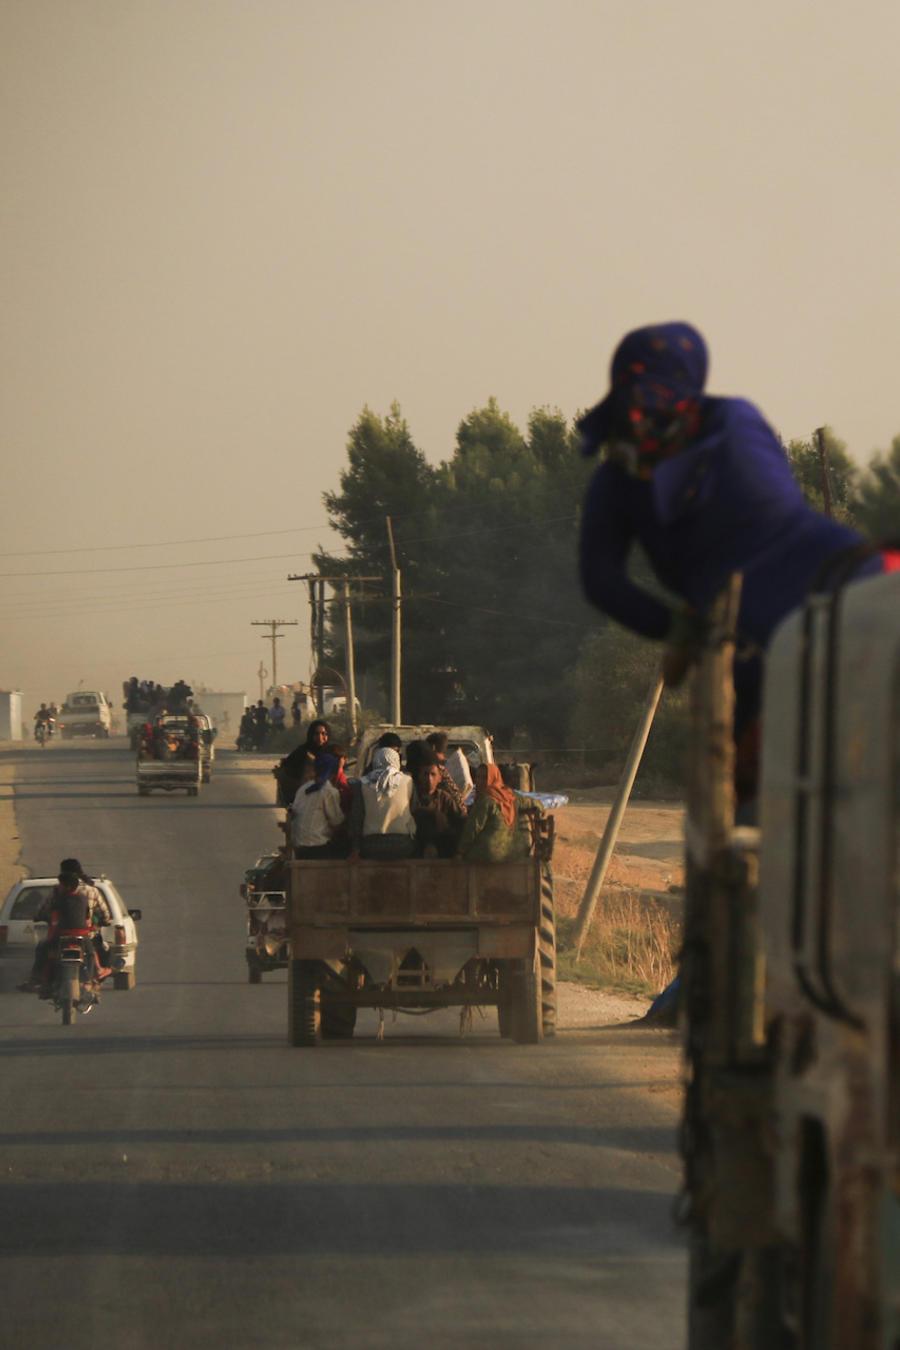 Imagen de sirios saliendo del pueblo Ras Al Ayn, ubicado cerca de la frontera con Turquía, luego de los bombardeos aéreos del 9 de octubre de 2019.